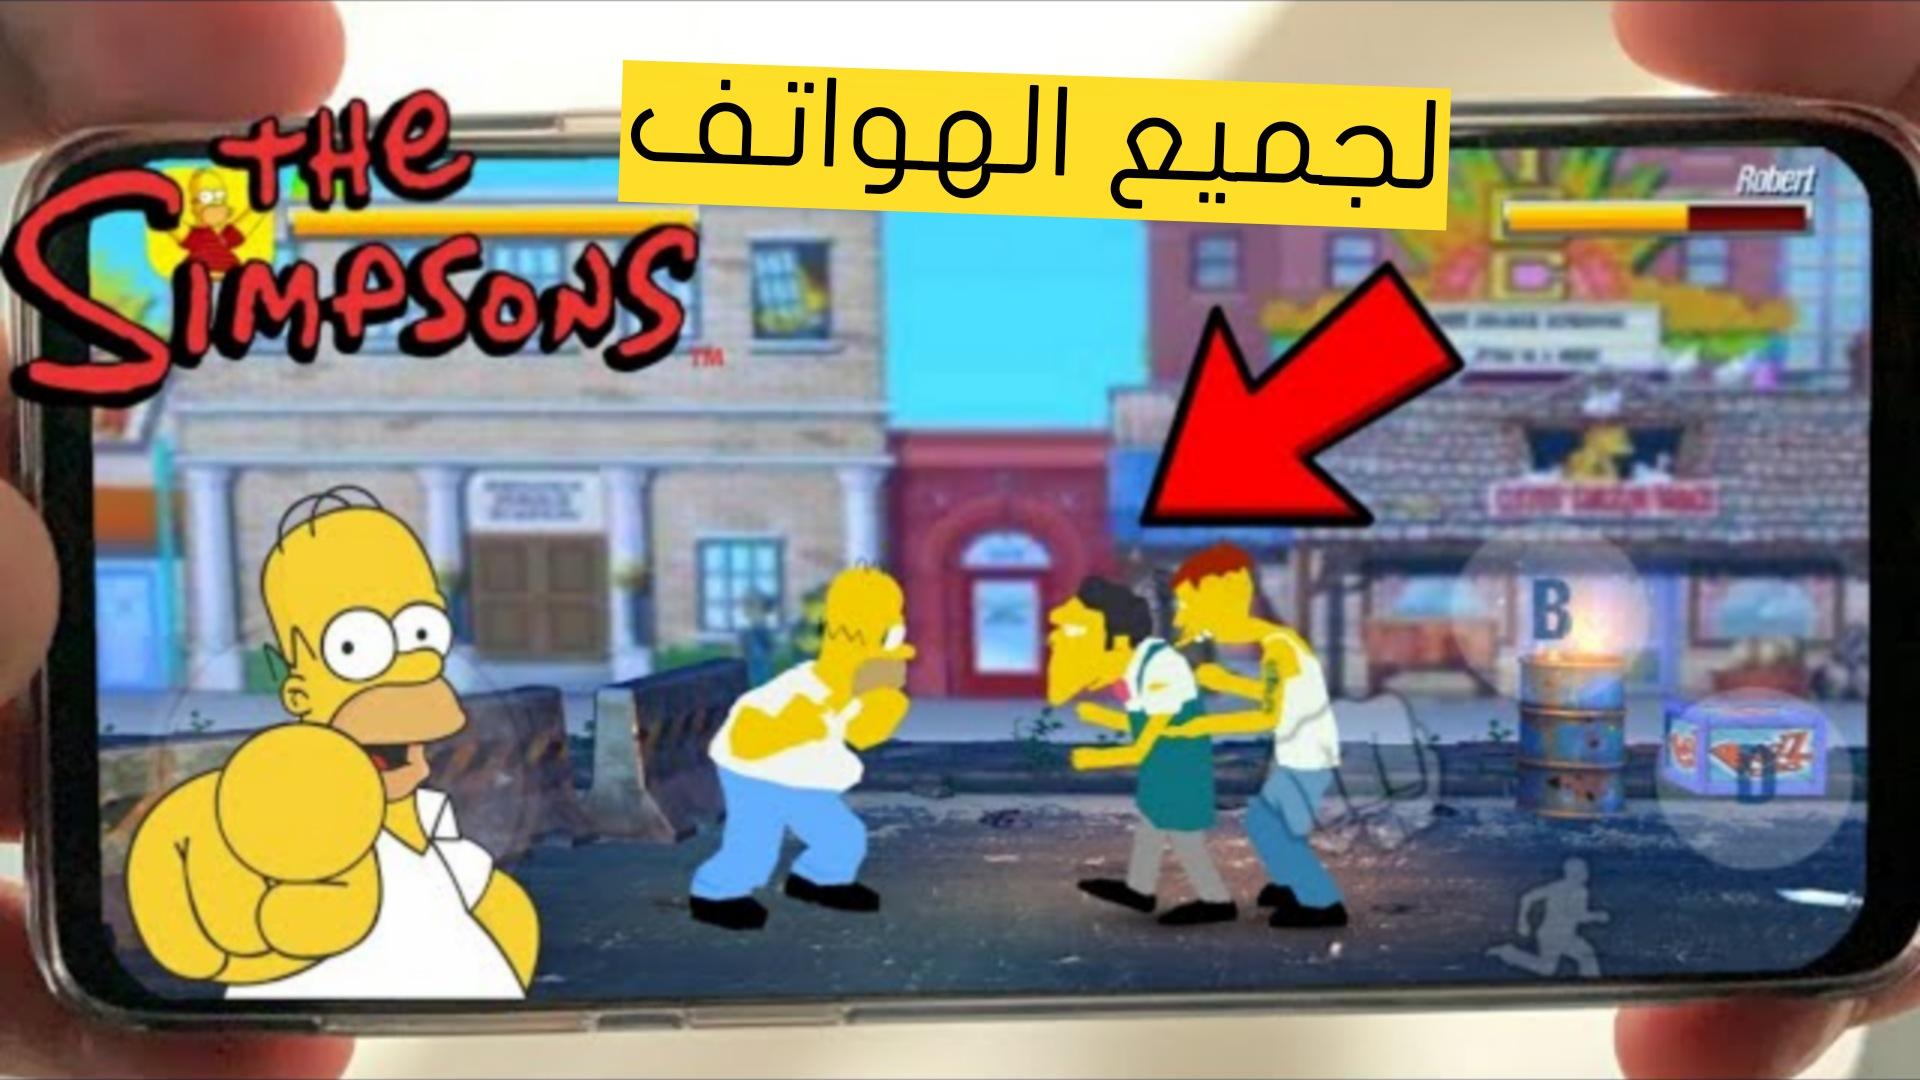 تحميل لعبة The Simpsons v1.3 الجديدة للاندرويد من ميديافاير